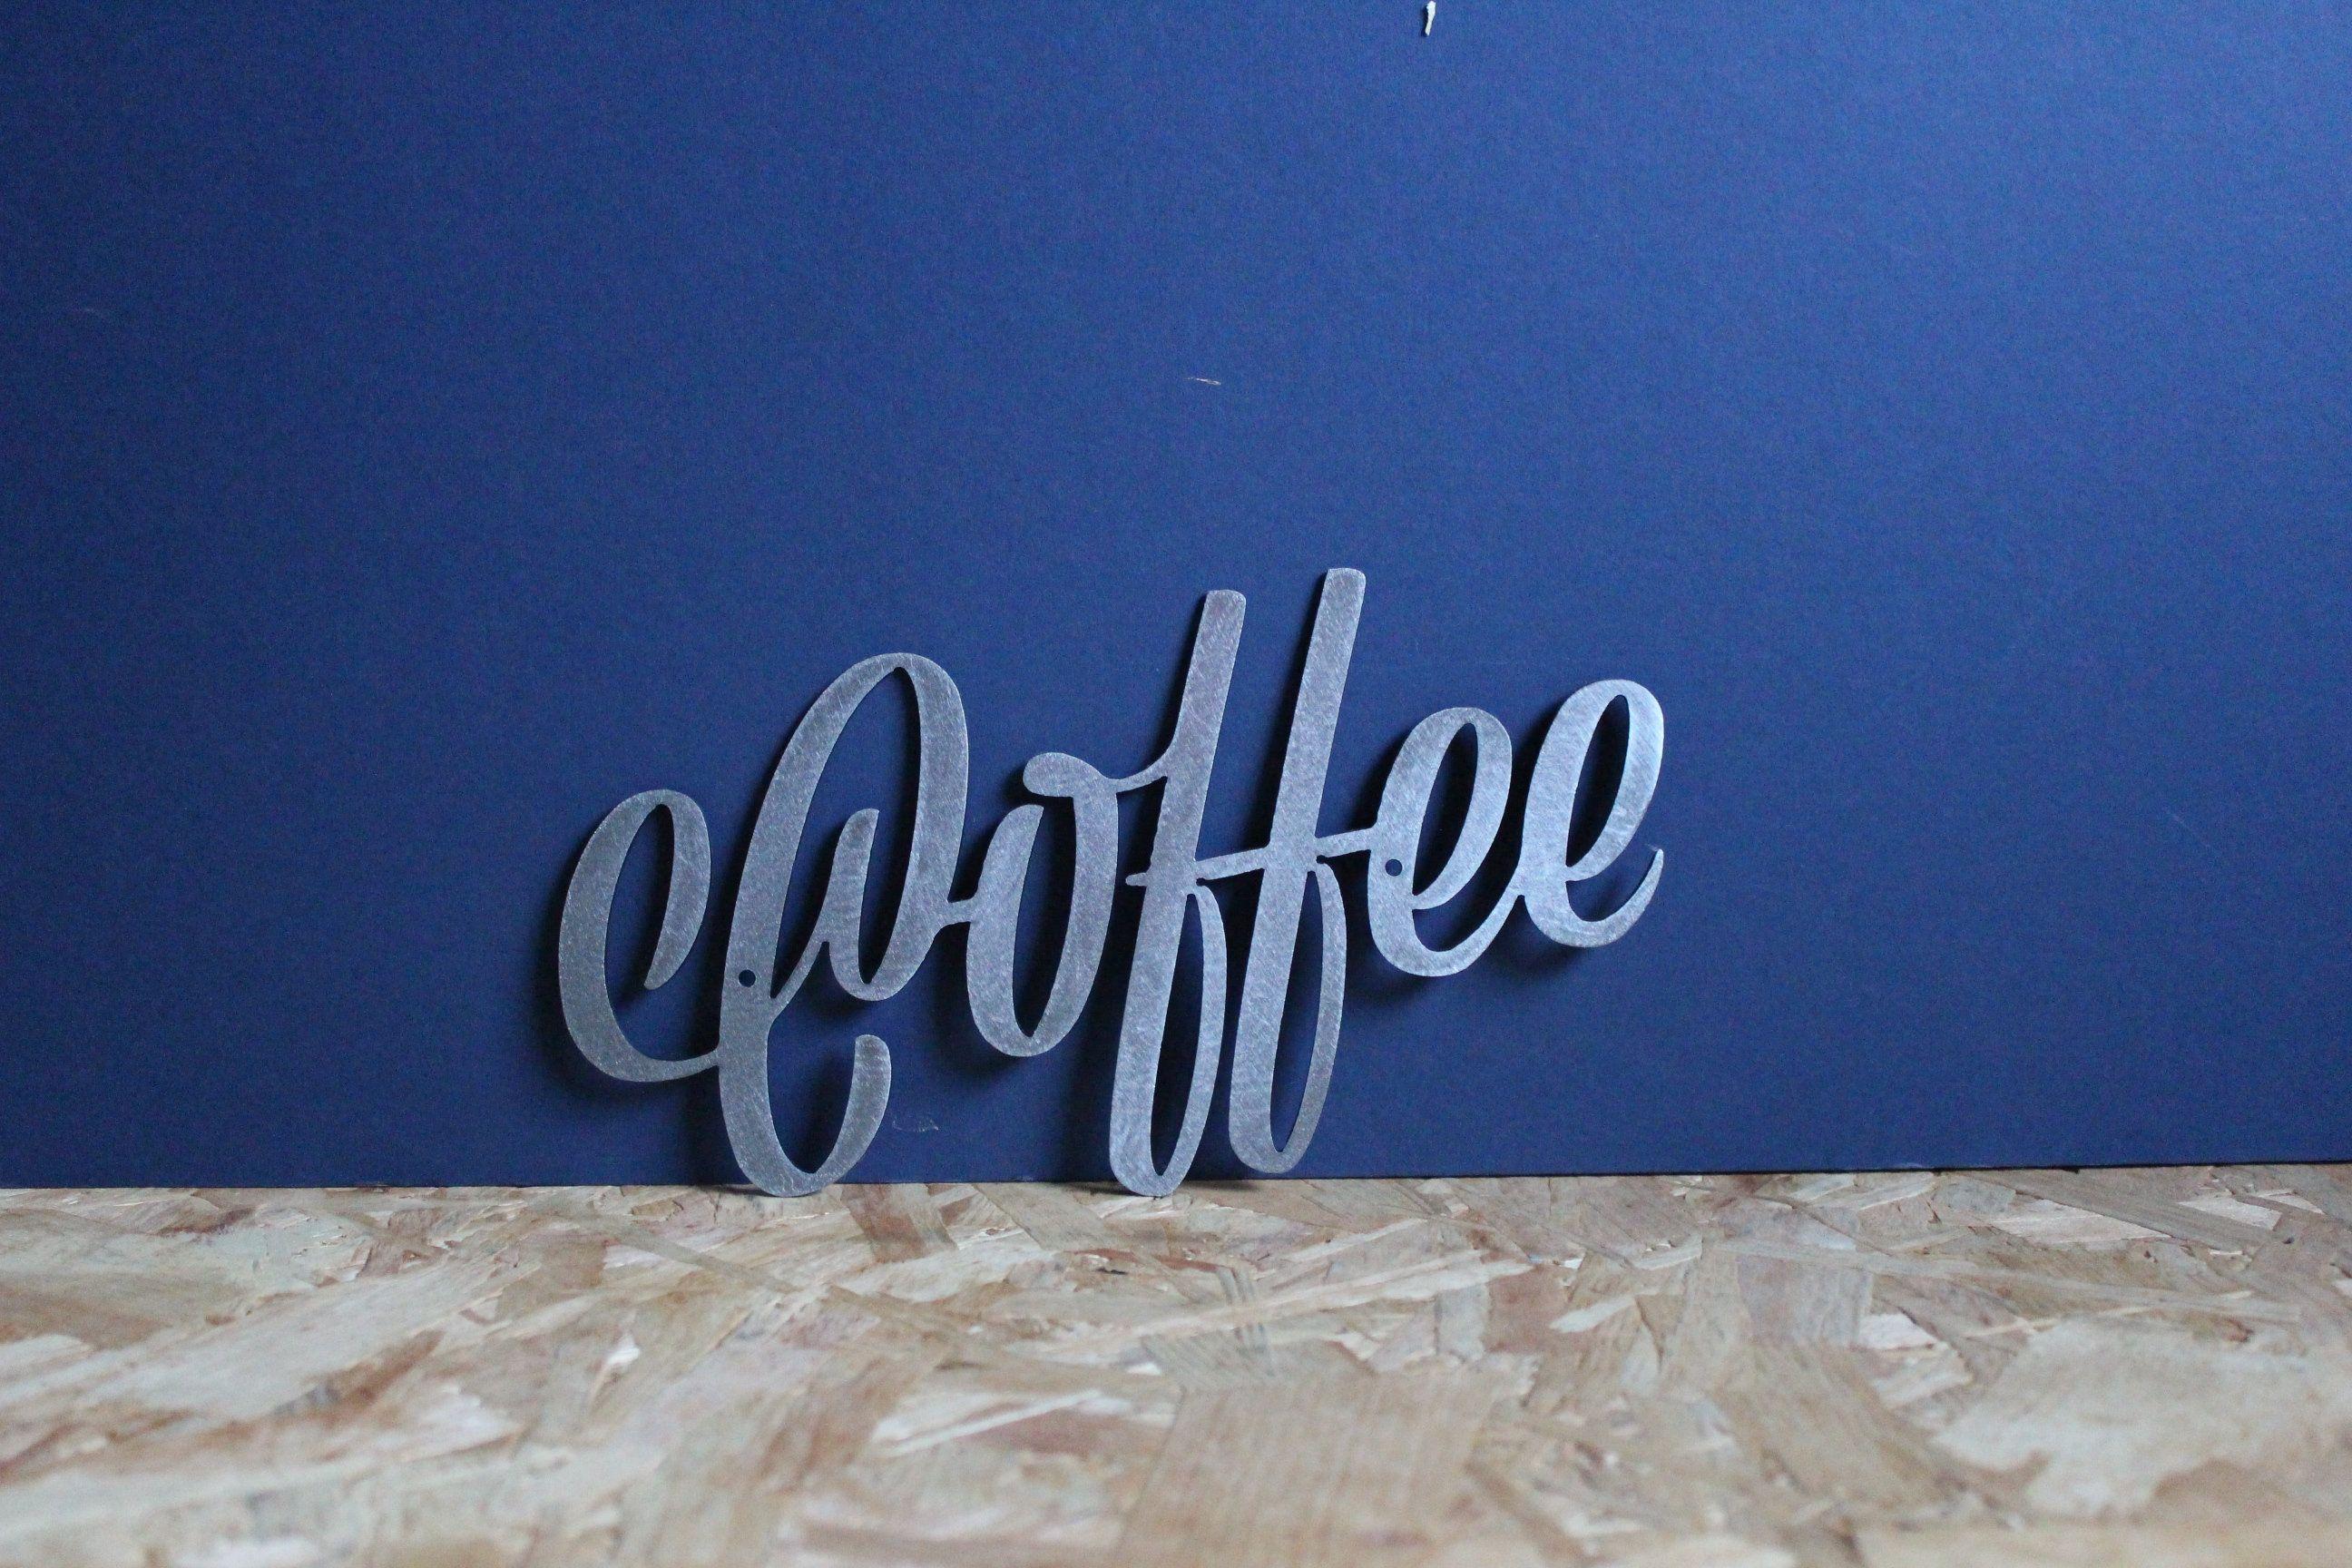 Yummy! image by Maddie Brouillette Starbucks drinks